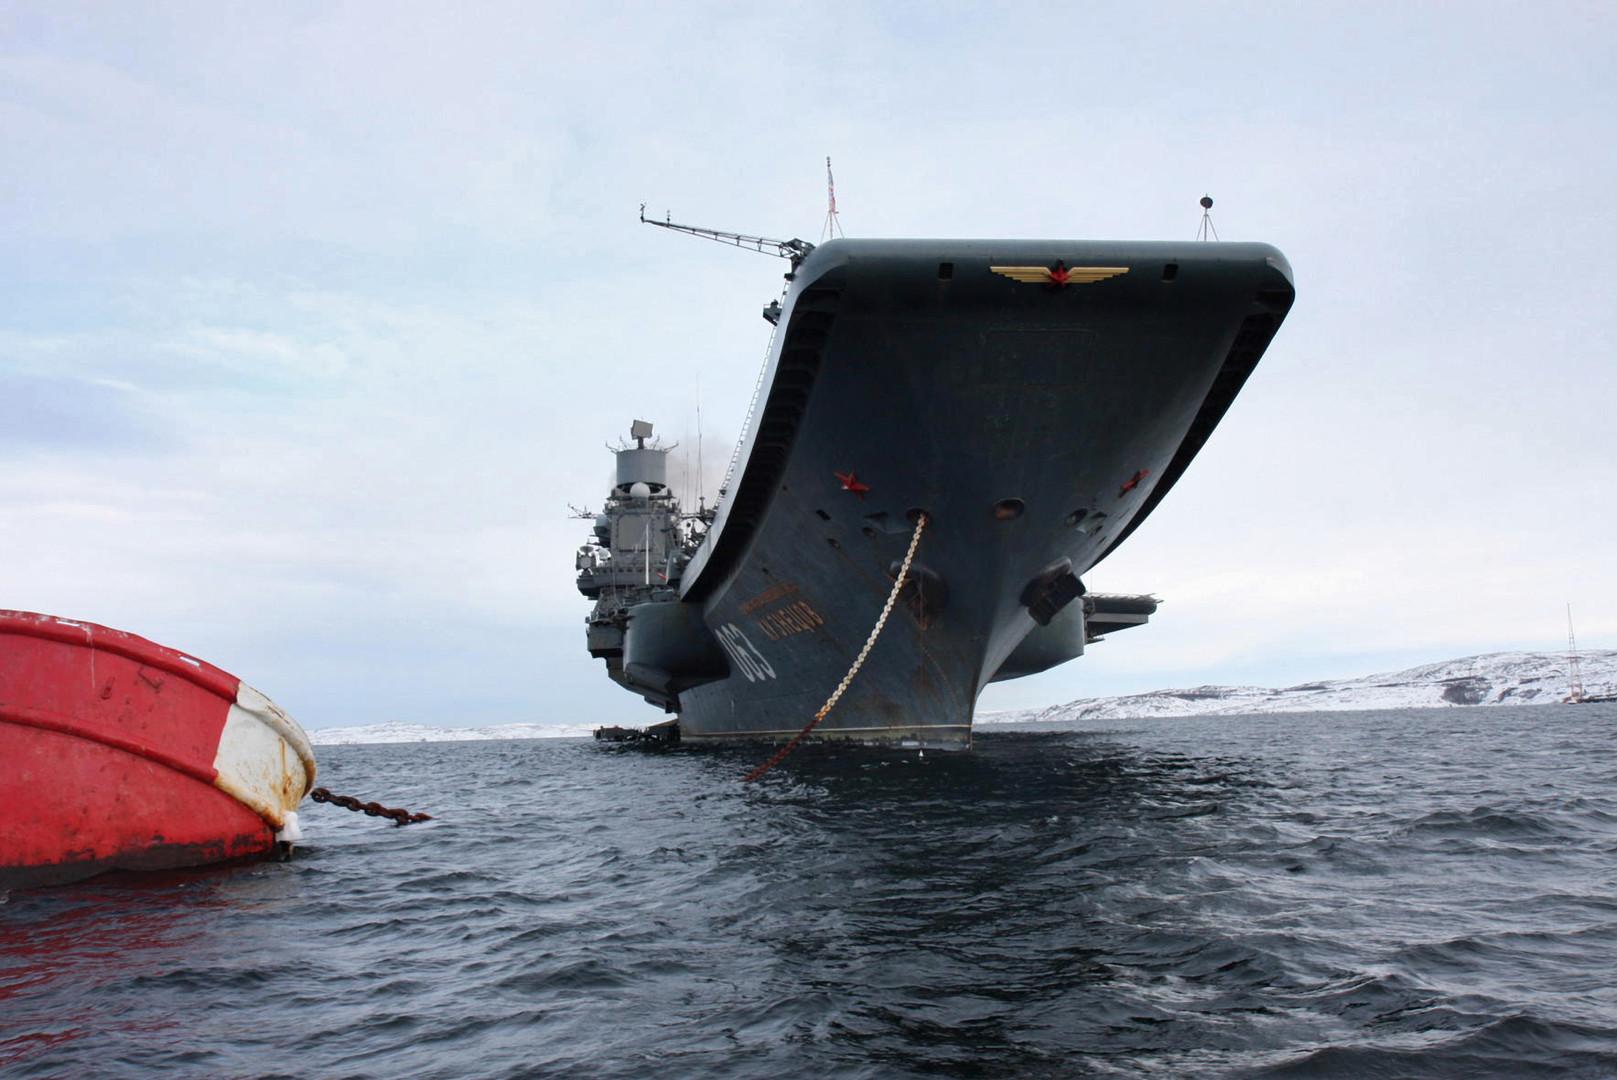 الناتو يطلق أكبر تدريبات له منذ 13 عاما.. وحاملة الطائرات الروسية تجري تدريبات في المحيط الشمالي